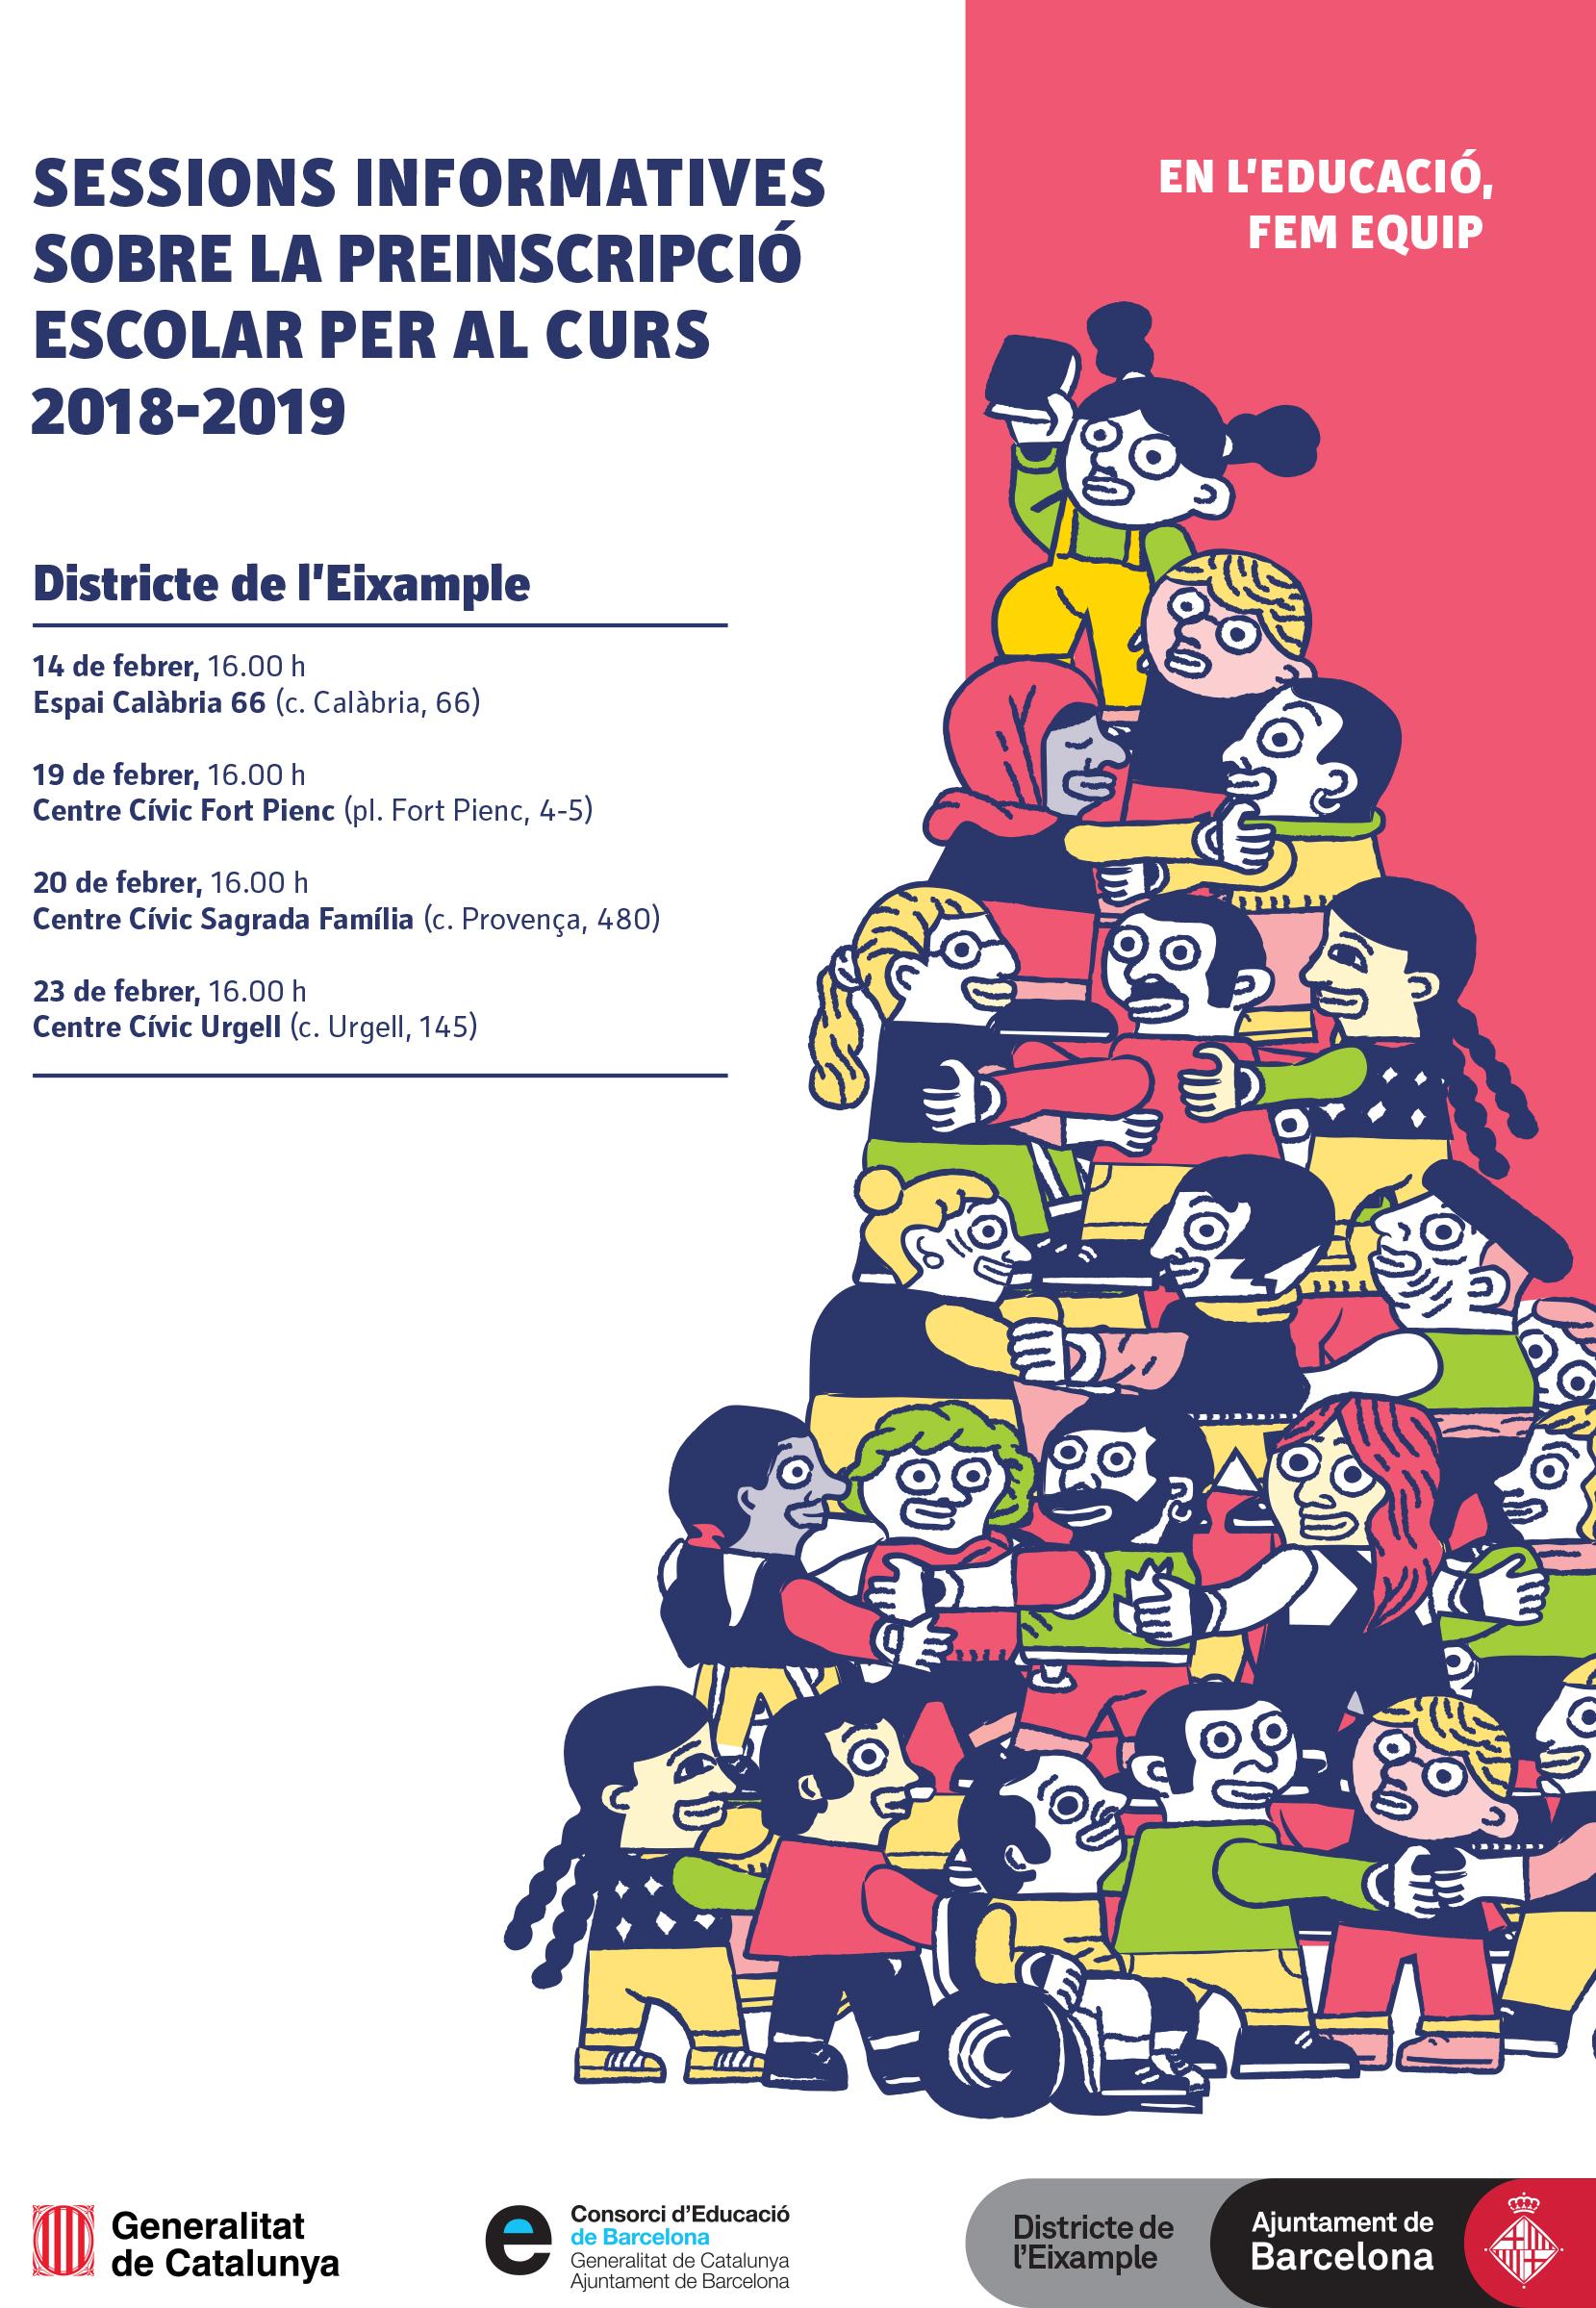 Sessions preinscripció 2018-19.indd